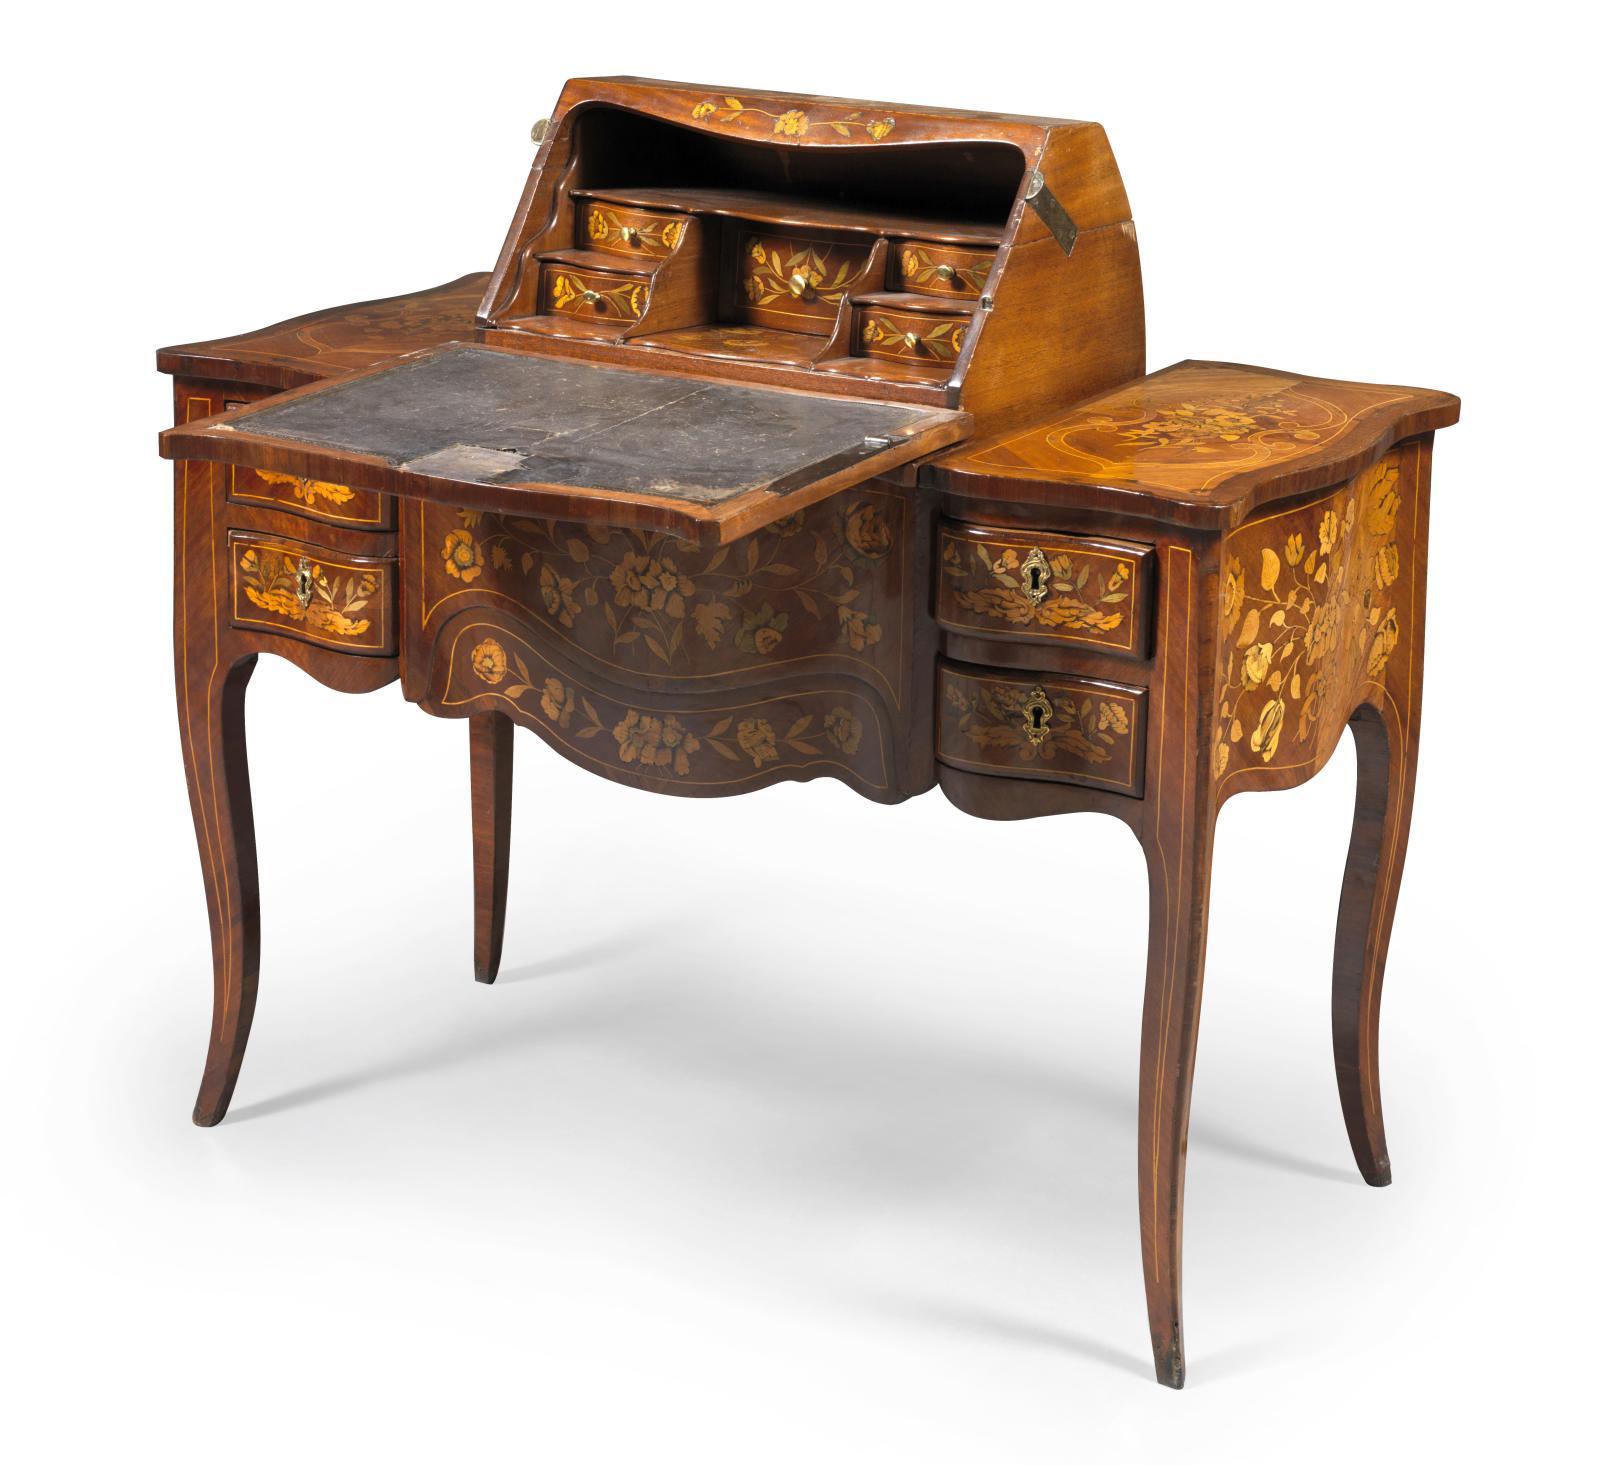 Meuble à transformations à décor marqueté, XVIIIesiècle, dégageant une liseuse découvrant un bureau capucin. 72x100,5x50cm. Paris, Drouot, 4 nov